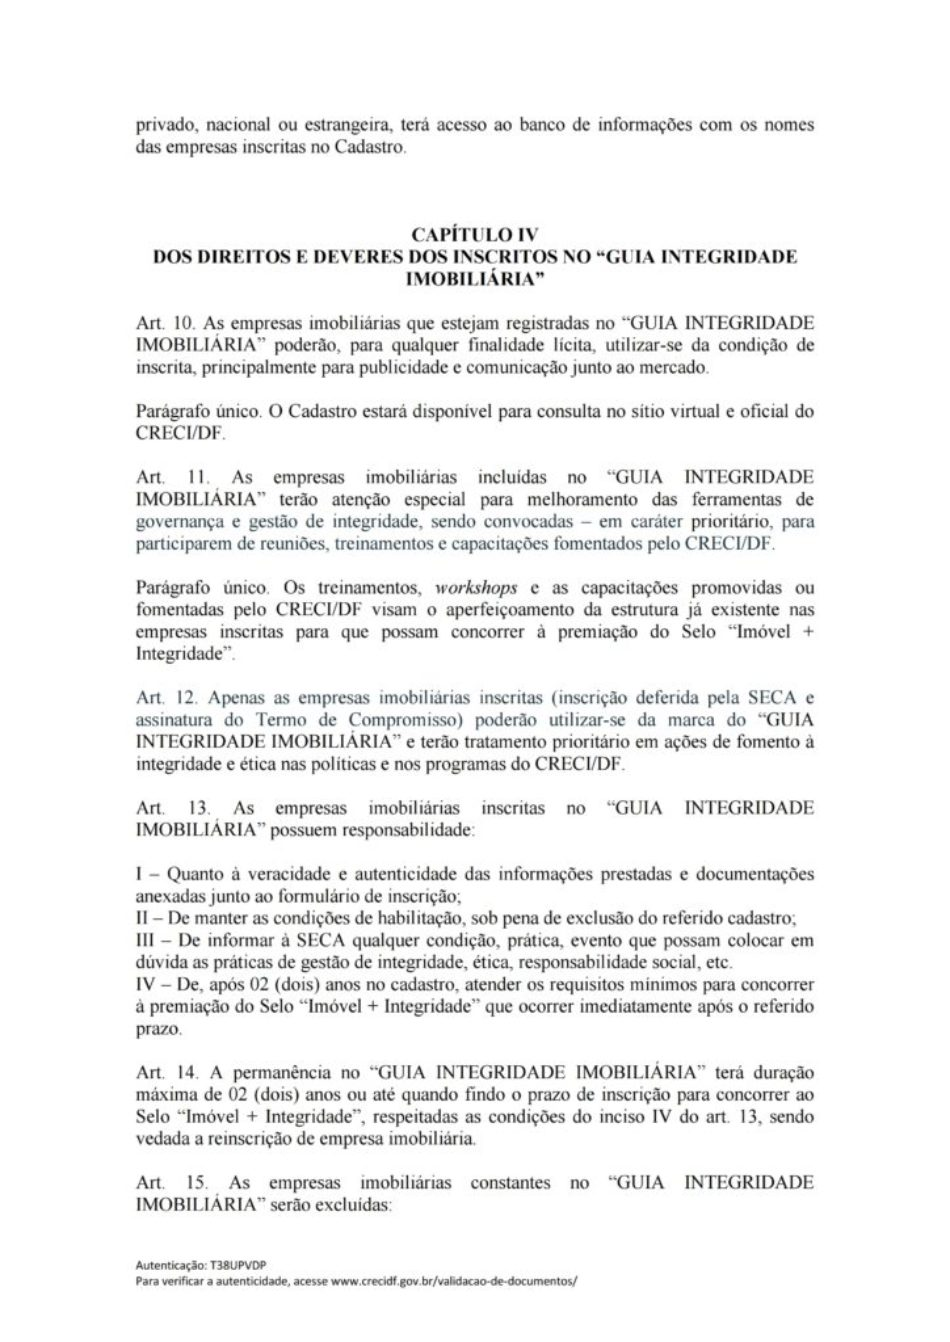 PORTARIA Nº 57 - GUIA INTEGRIDADE IMOBILIÁRIA - FINAL.pdf_page_4